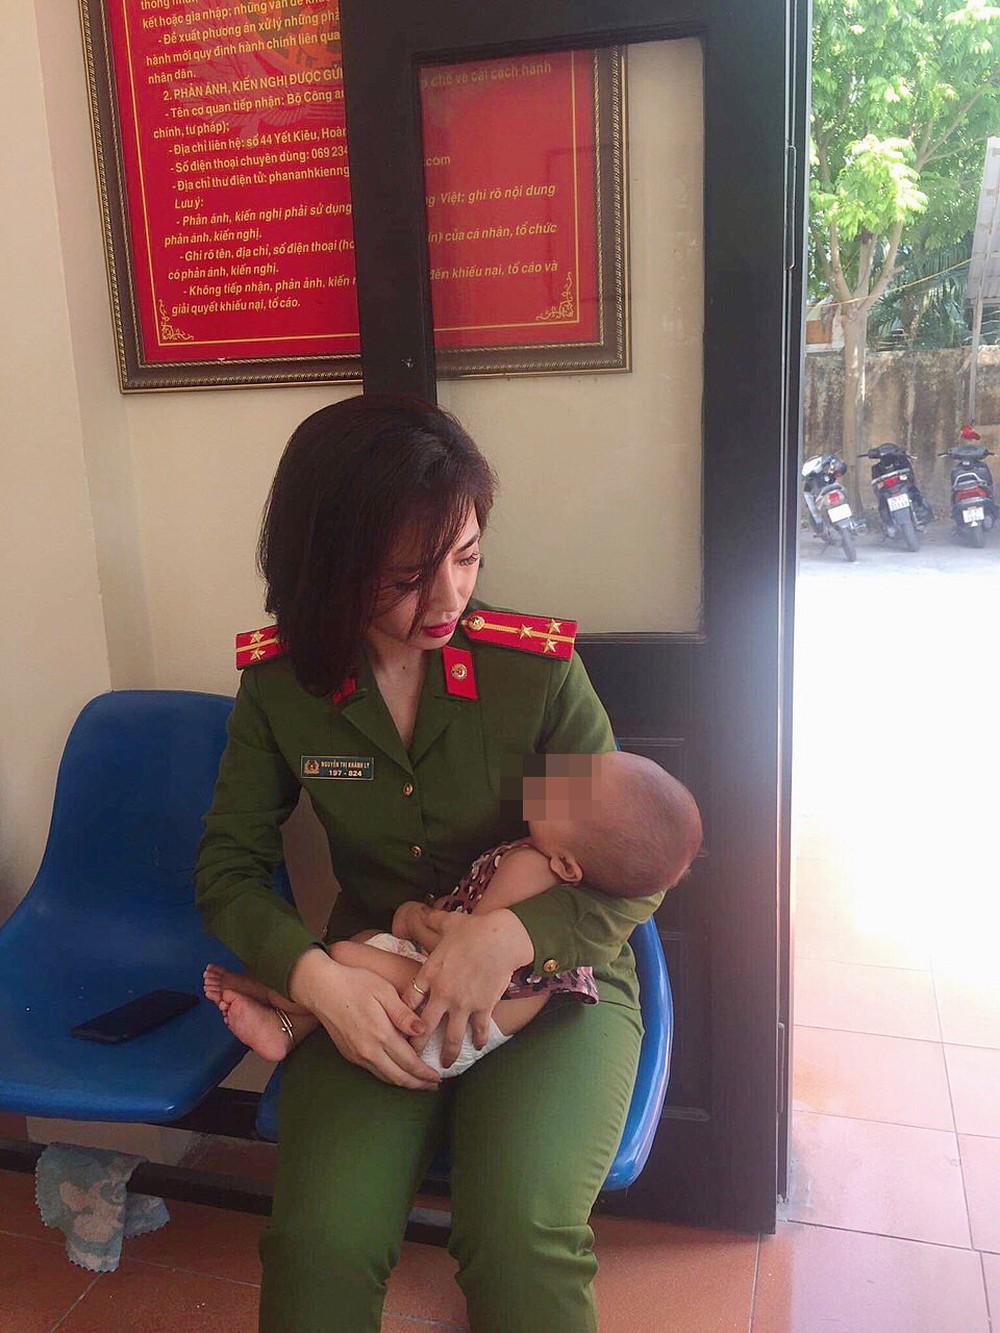 Hình ảnh đời thường xinh đẹp của nữ cảnh sát trong vụ giải cứu ông bố ôm con định nhảy cầu Nhật Tân - Ảnh 1.